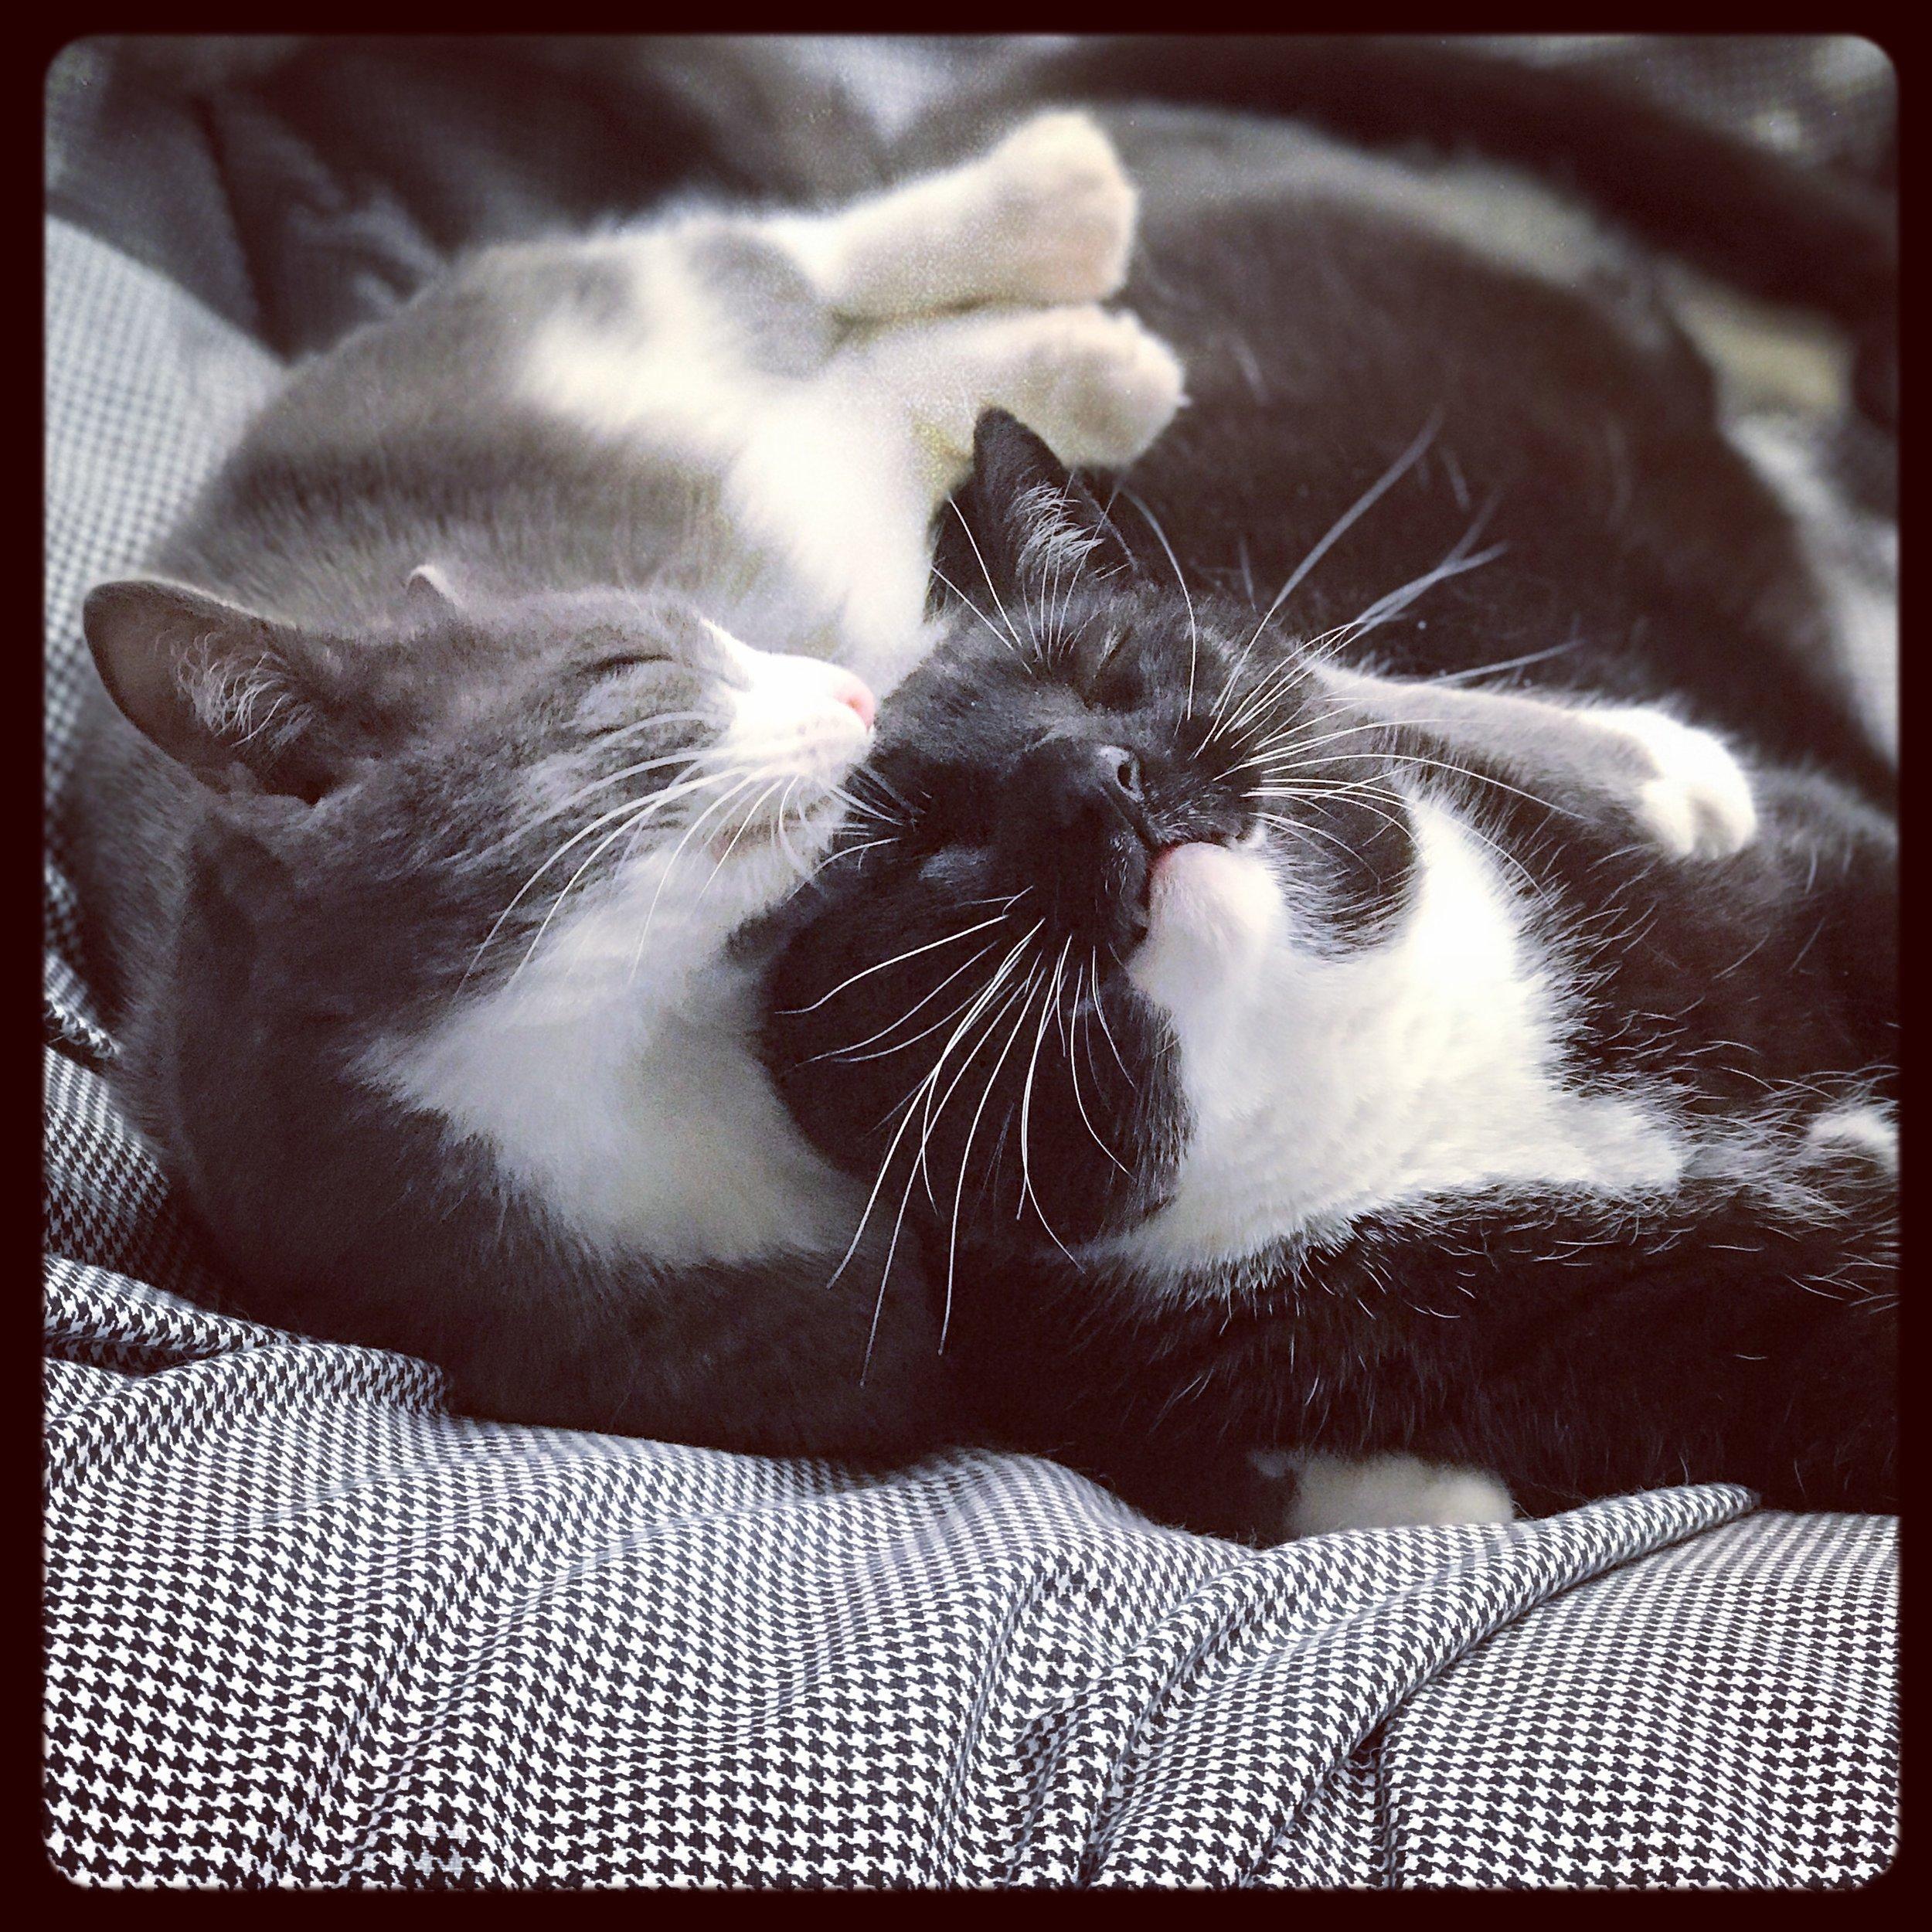 George & Gracie